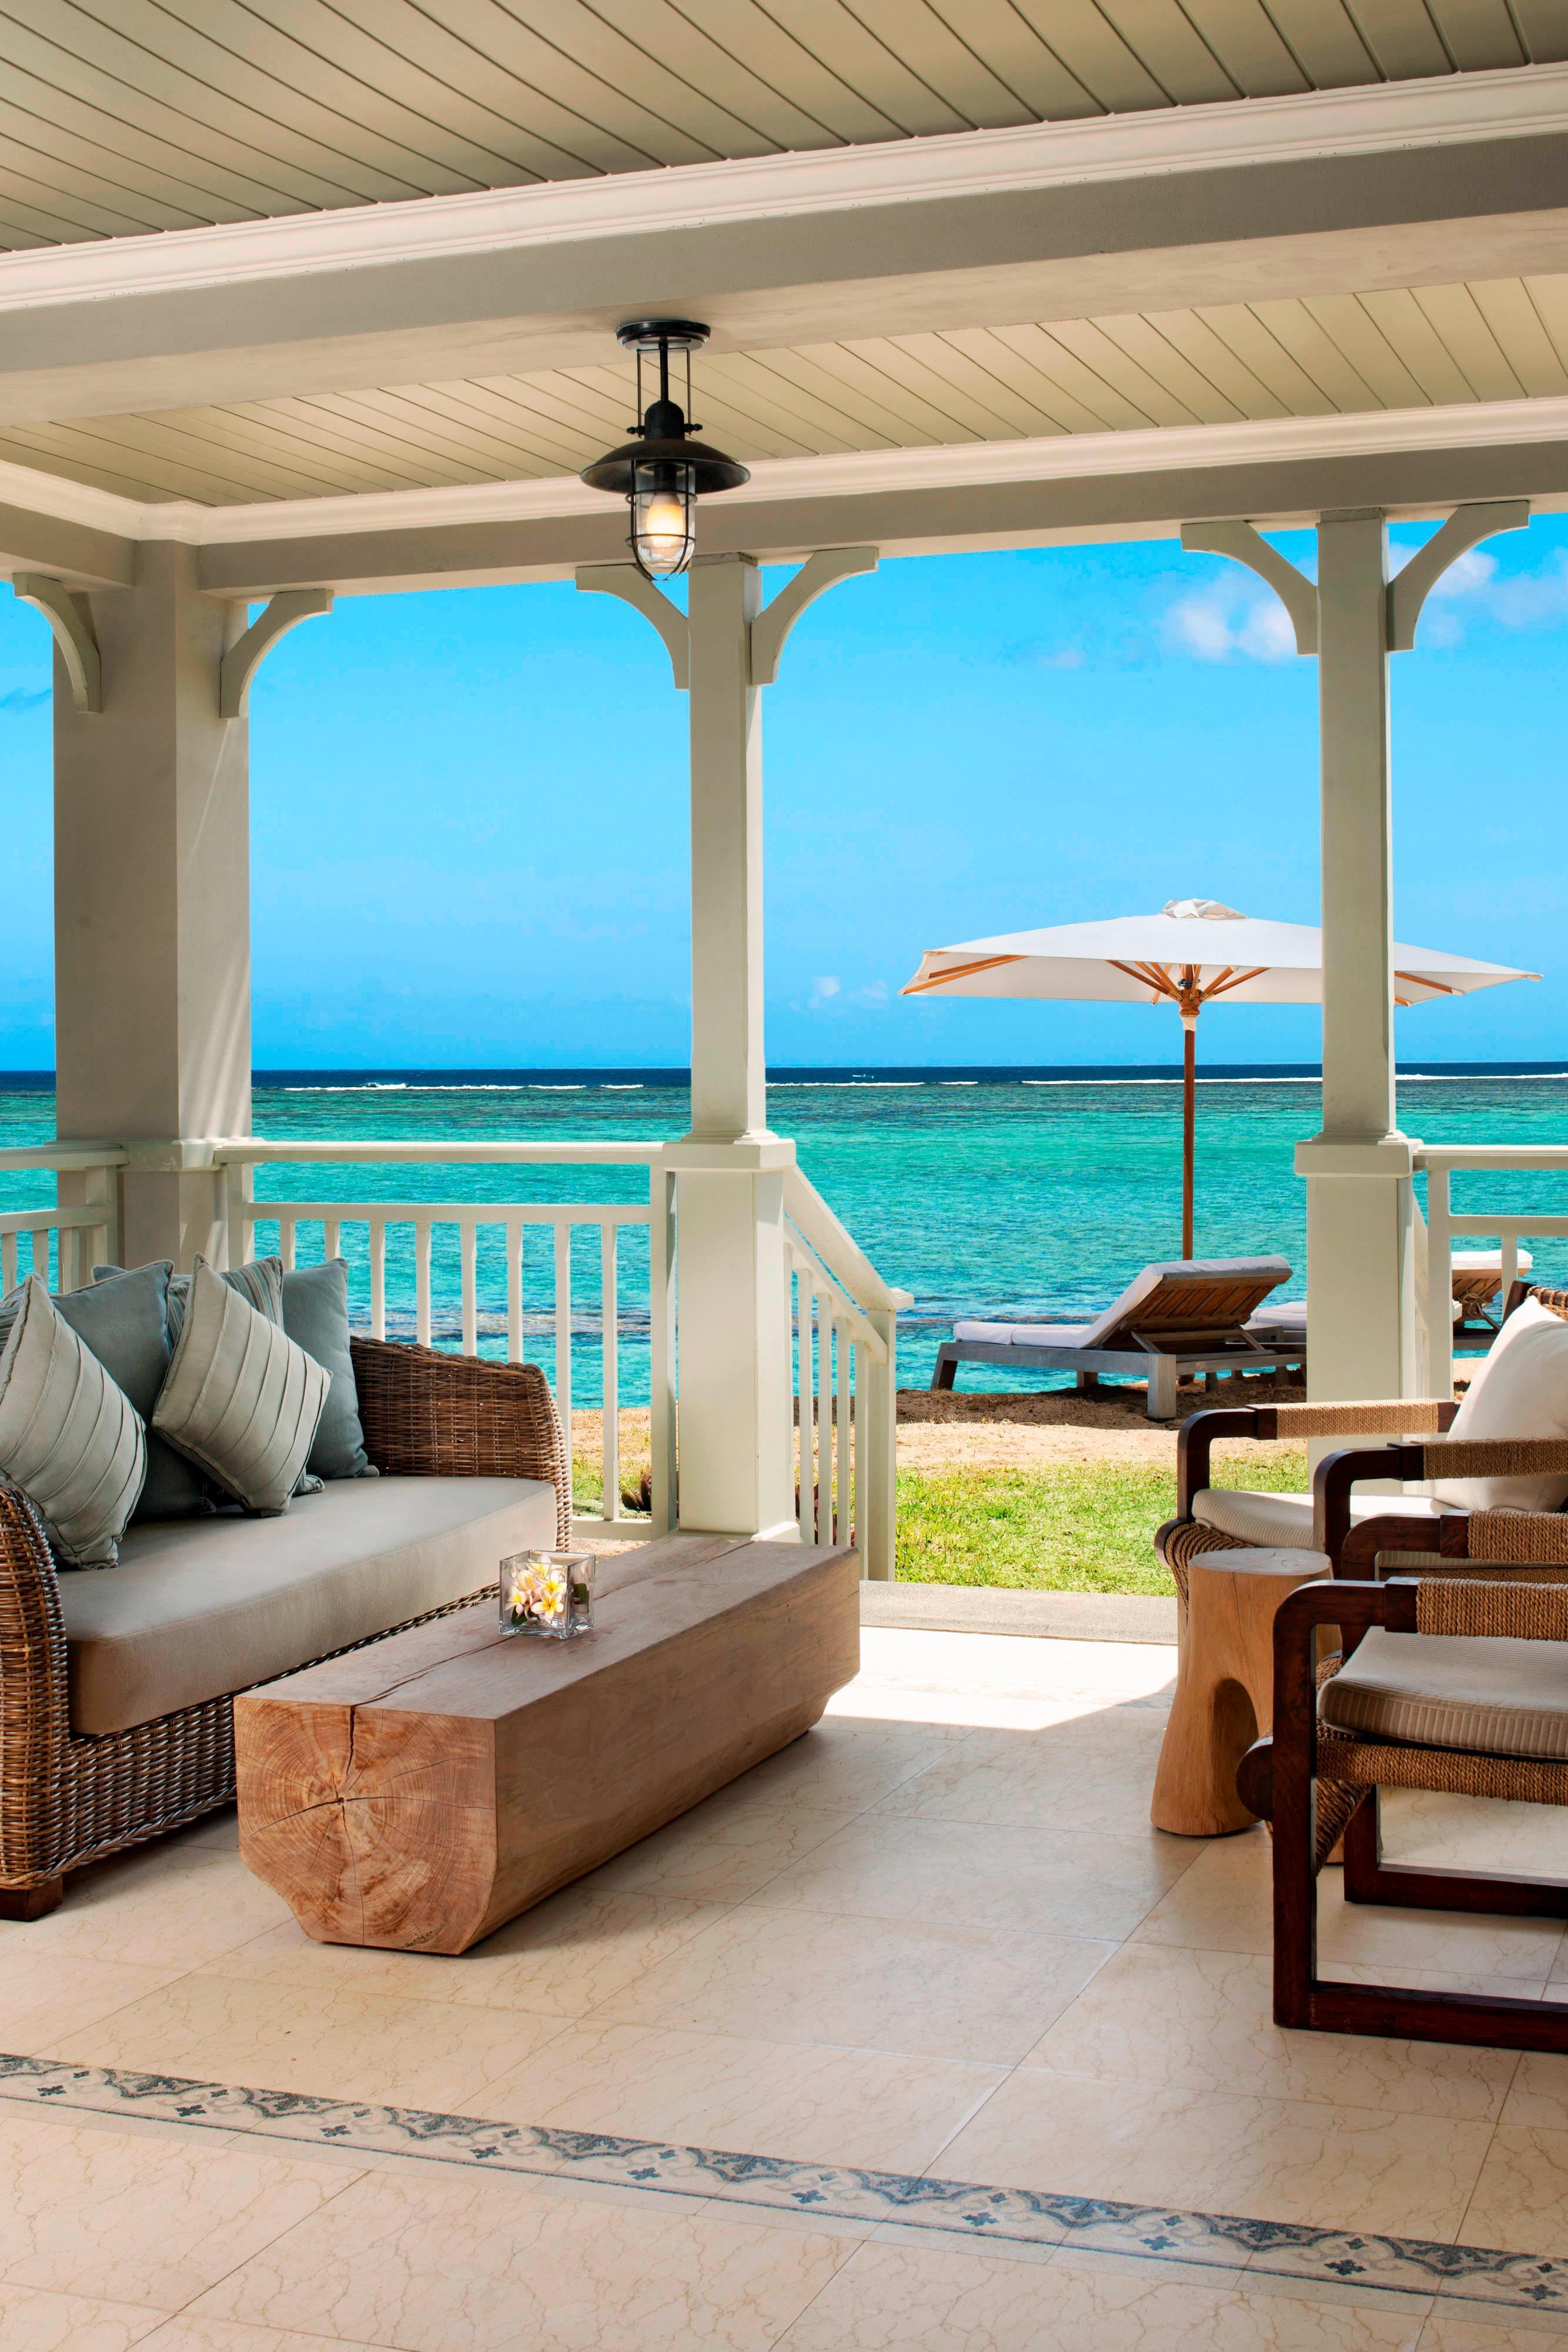 St. Regis Grand Suite - Terrace overlooKing the Lagoon